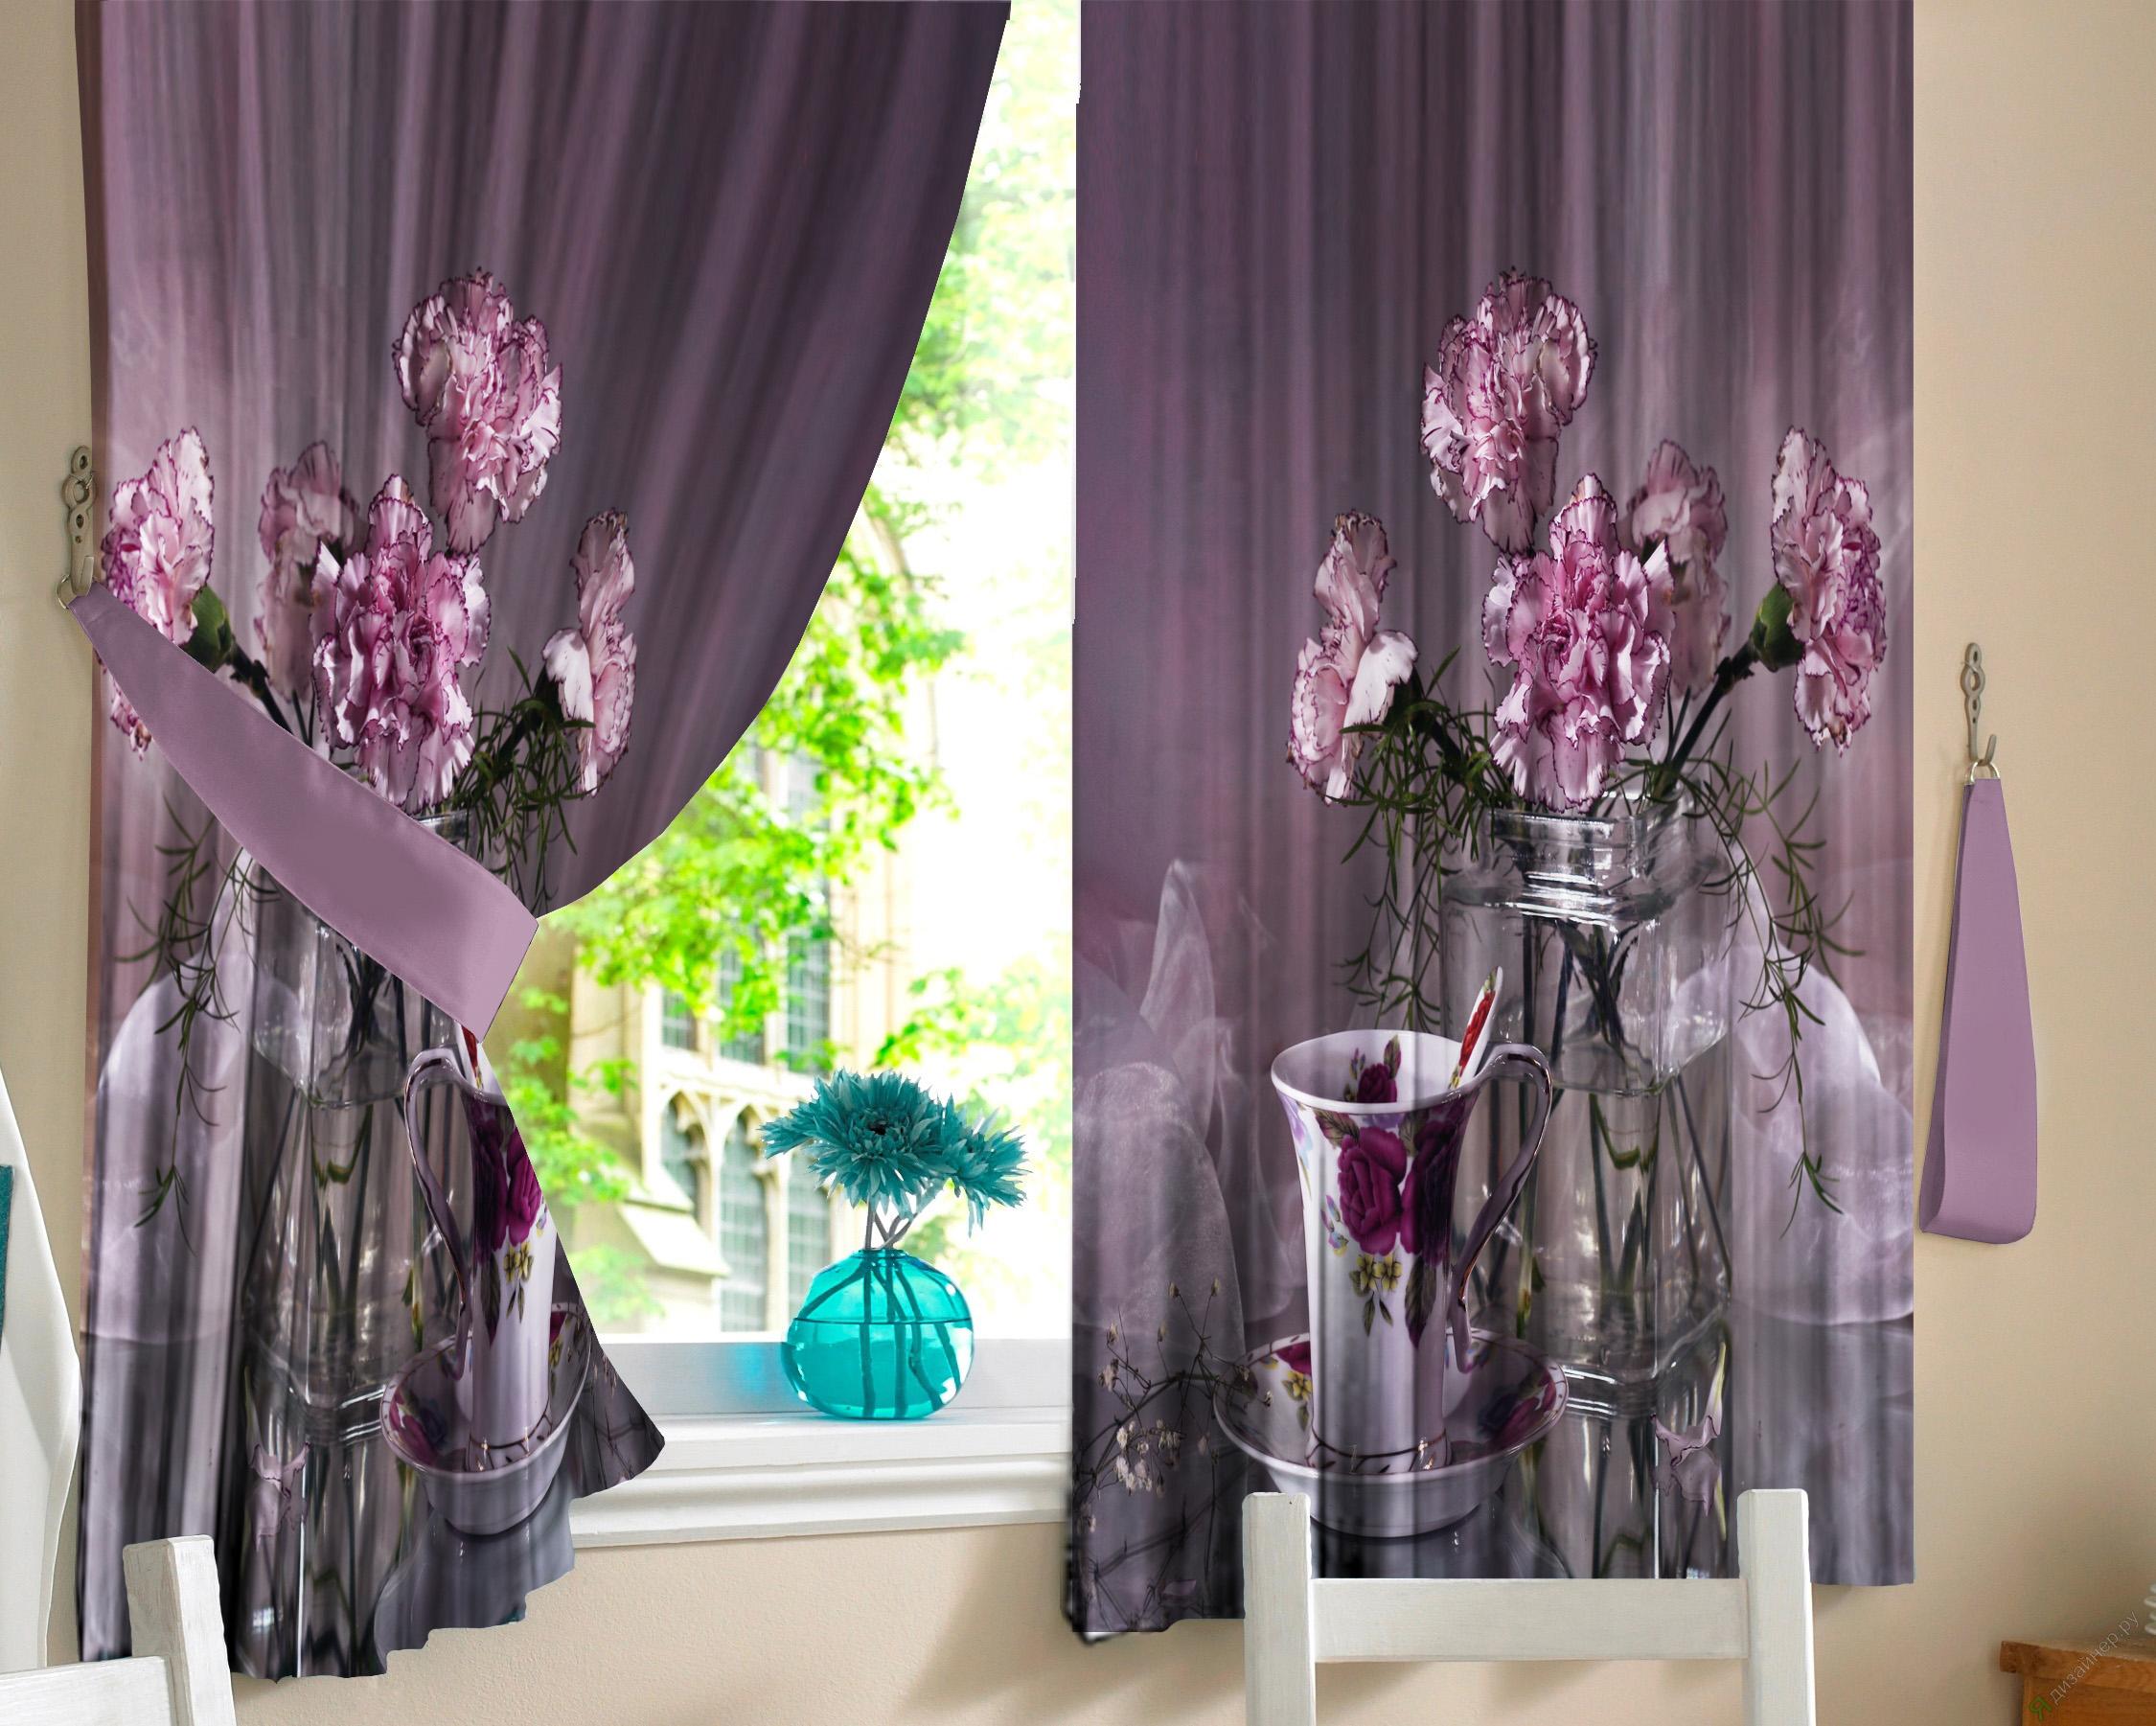 Шторы для кухниДля кухни<br>Яркие шторы для кухни  В комплекте 2 полотна: Длина 145 см.+/- 5 см Высота 160 см.+/- 5 см  Цвет: сиреневый, фиолетовый, розовый<br><br>Карниз: Однорядный<br>По материалу: Портьерные ткани<br>По рисунку: Растительные мотивы,Цветные,Цветочные,С принтом<br>По стилю: Классические шторы,Раздвижные шторы<br>Размеры: Ниже подоконника<br>Размер : 290*160<br>Материал: Габардин<br>Количество в наличии: 1